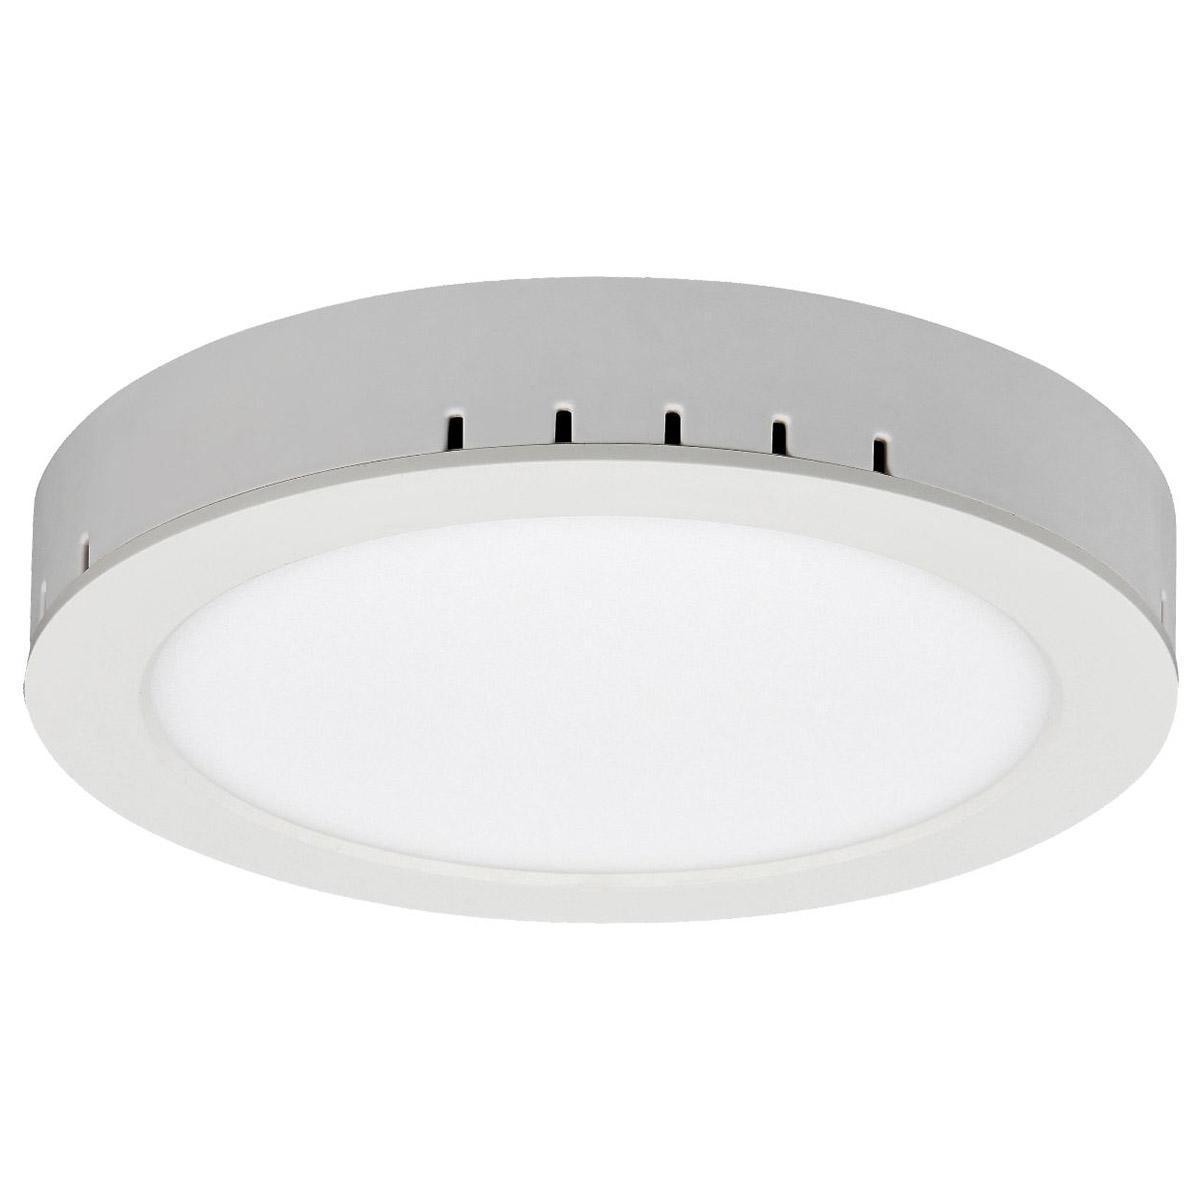 Накладной светодиодный светильник Elektrostandard DLR020 18W 4200K 4690389084560 накладной светодиодный светильник elektrostandard dlr020 18w 4200k 4690389084560